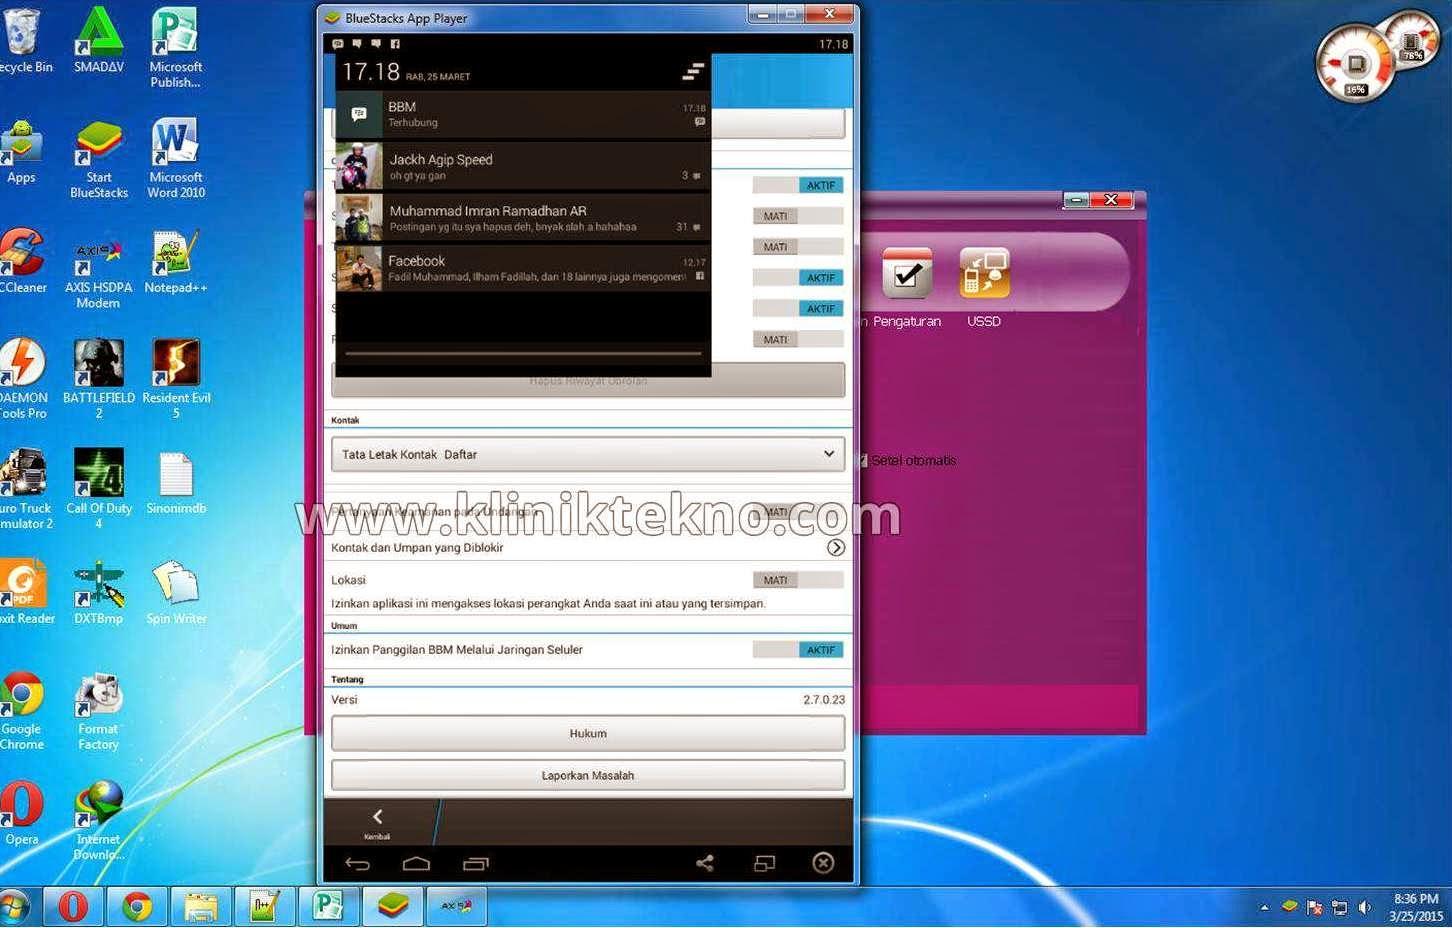 Cara Terbaru Instal Aplikasi BBM Android Untuk PC dengan mudah dan simple